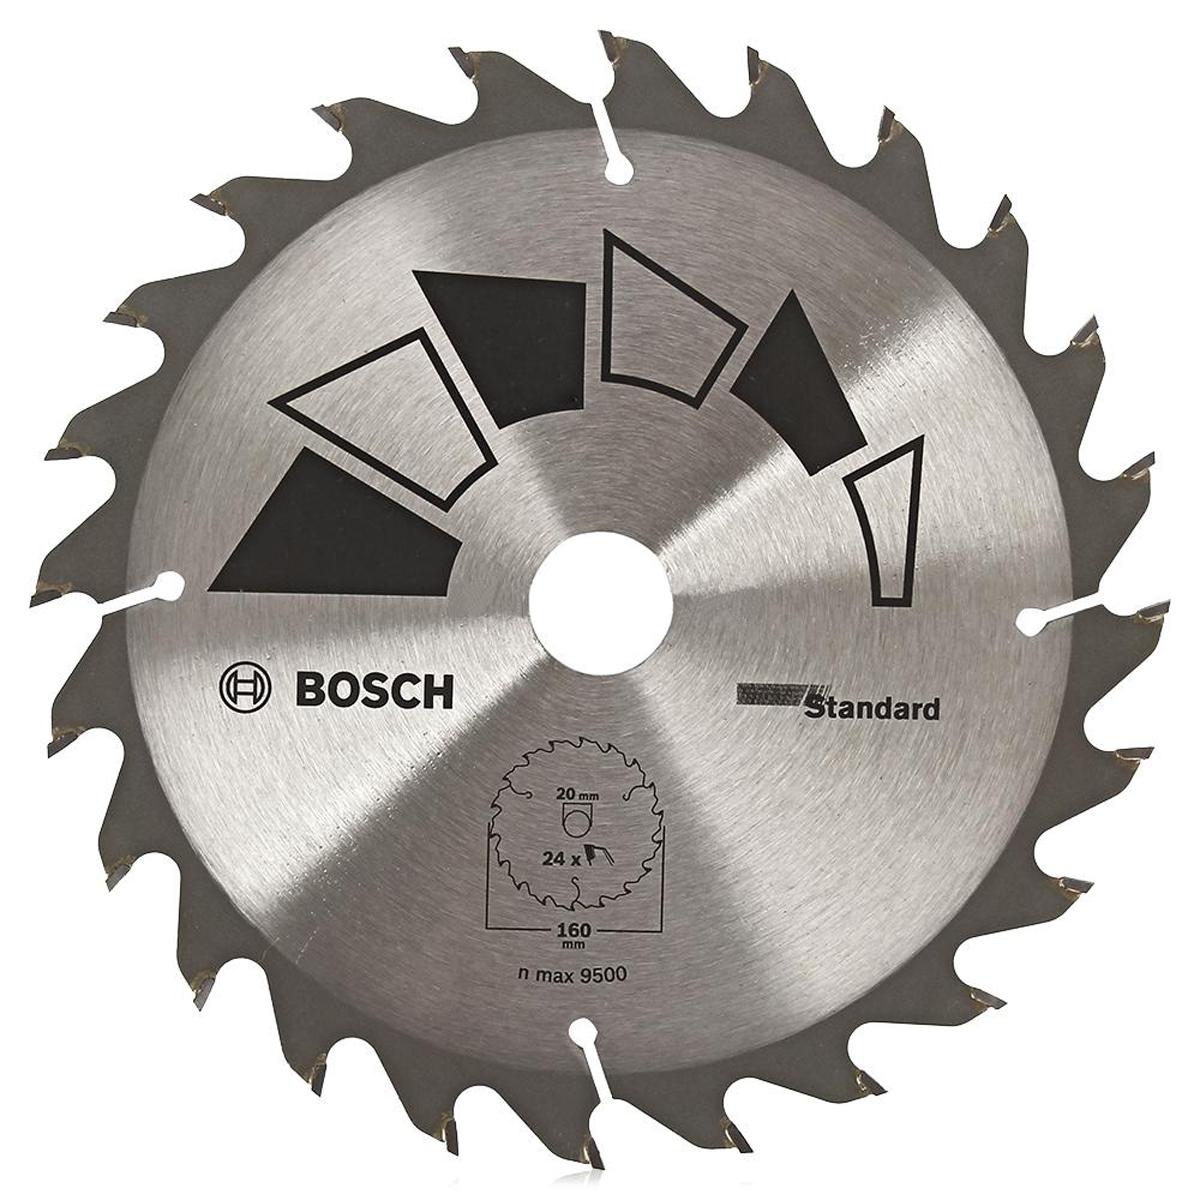 """���� ������� Bosch """"Standard"""" �� ������, 160 ��"""